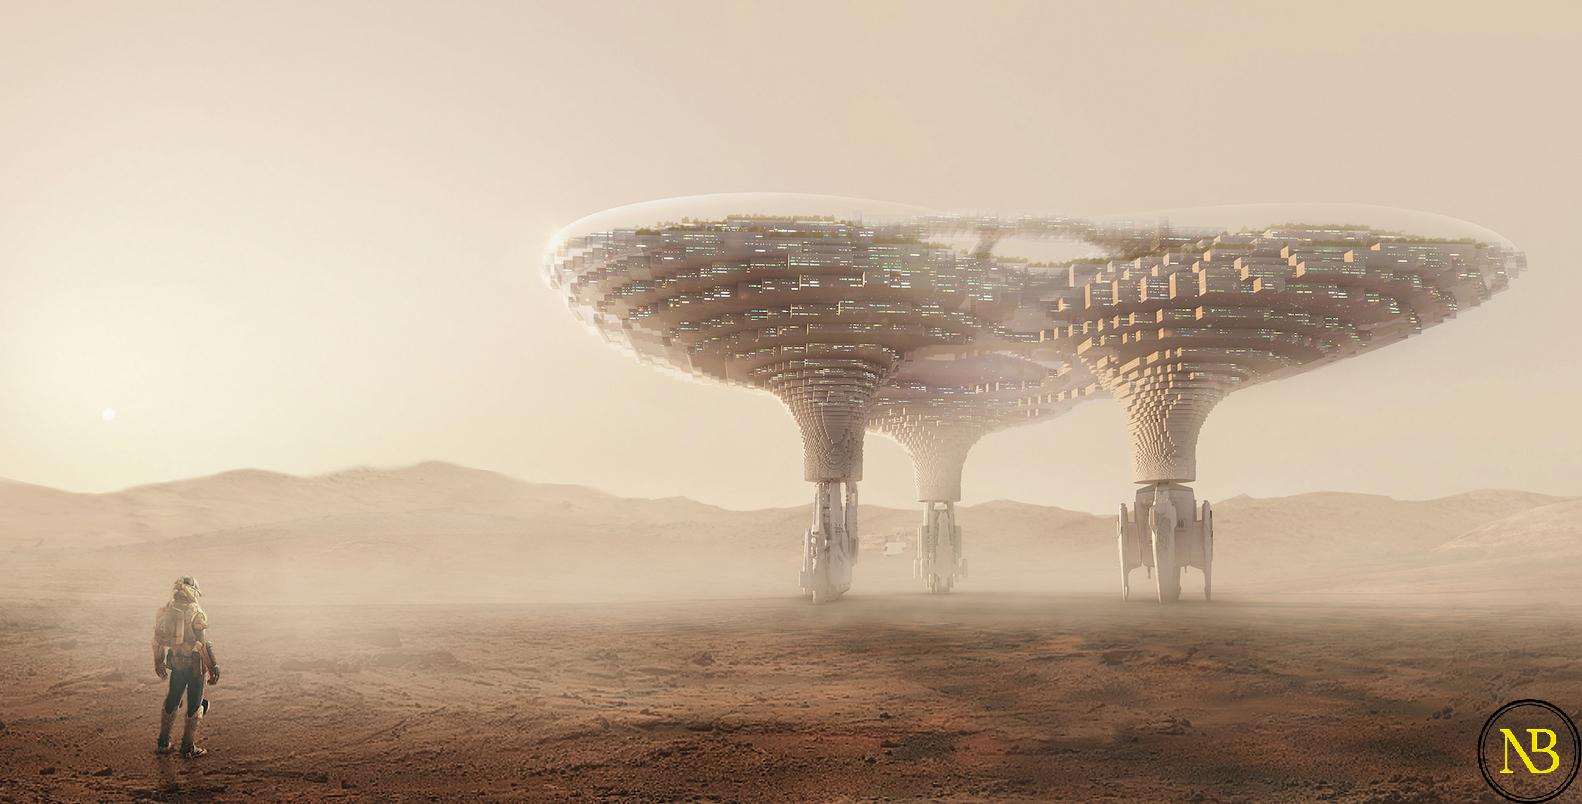 چگونه می توان یک شهر قابل زیست در آینده ساخت؟